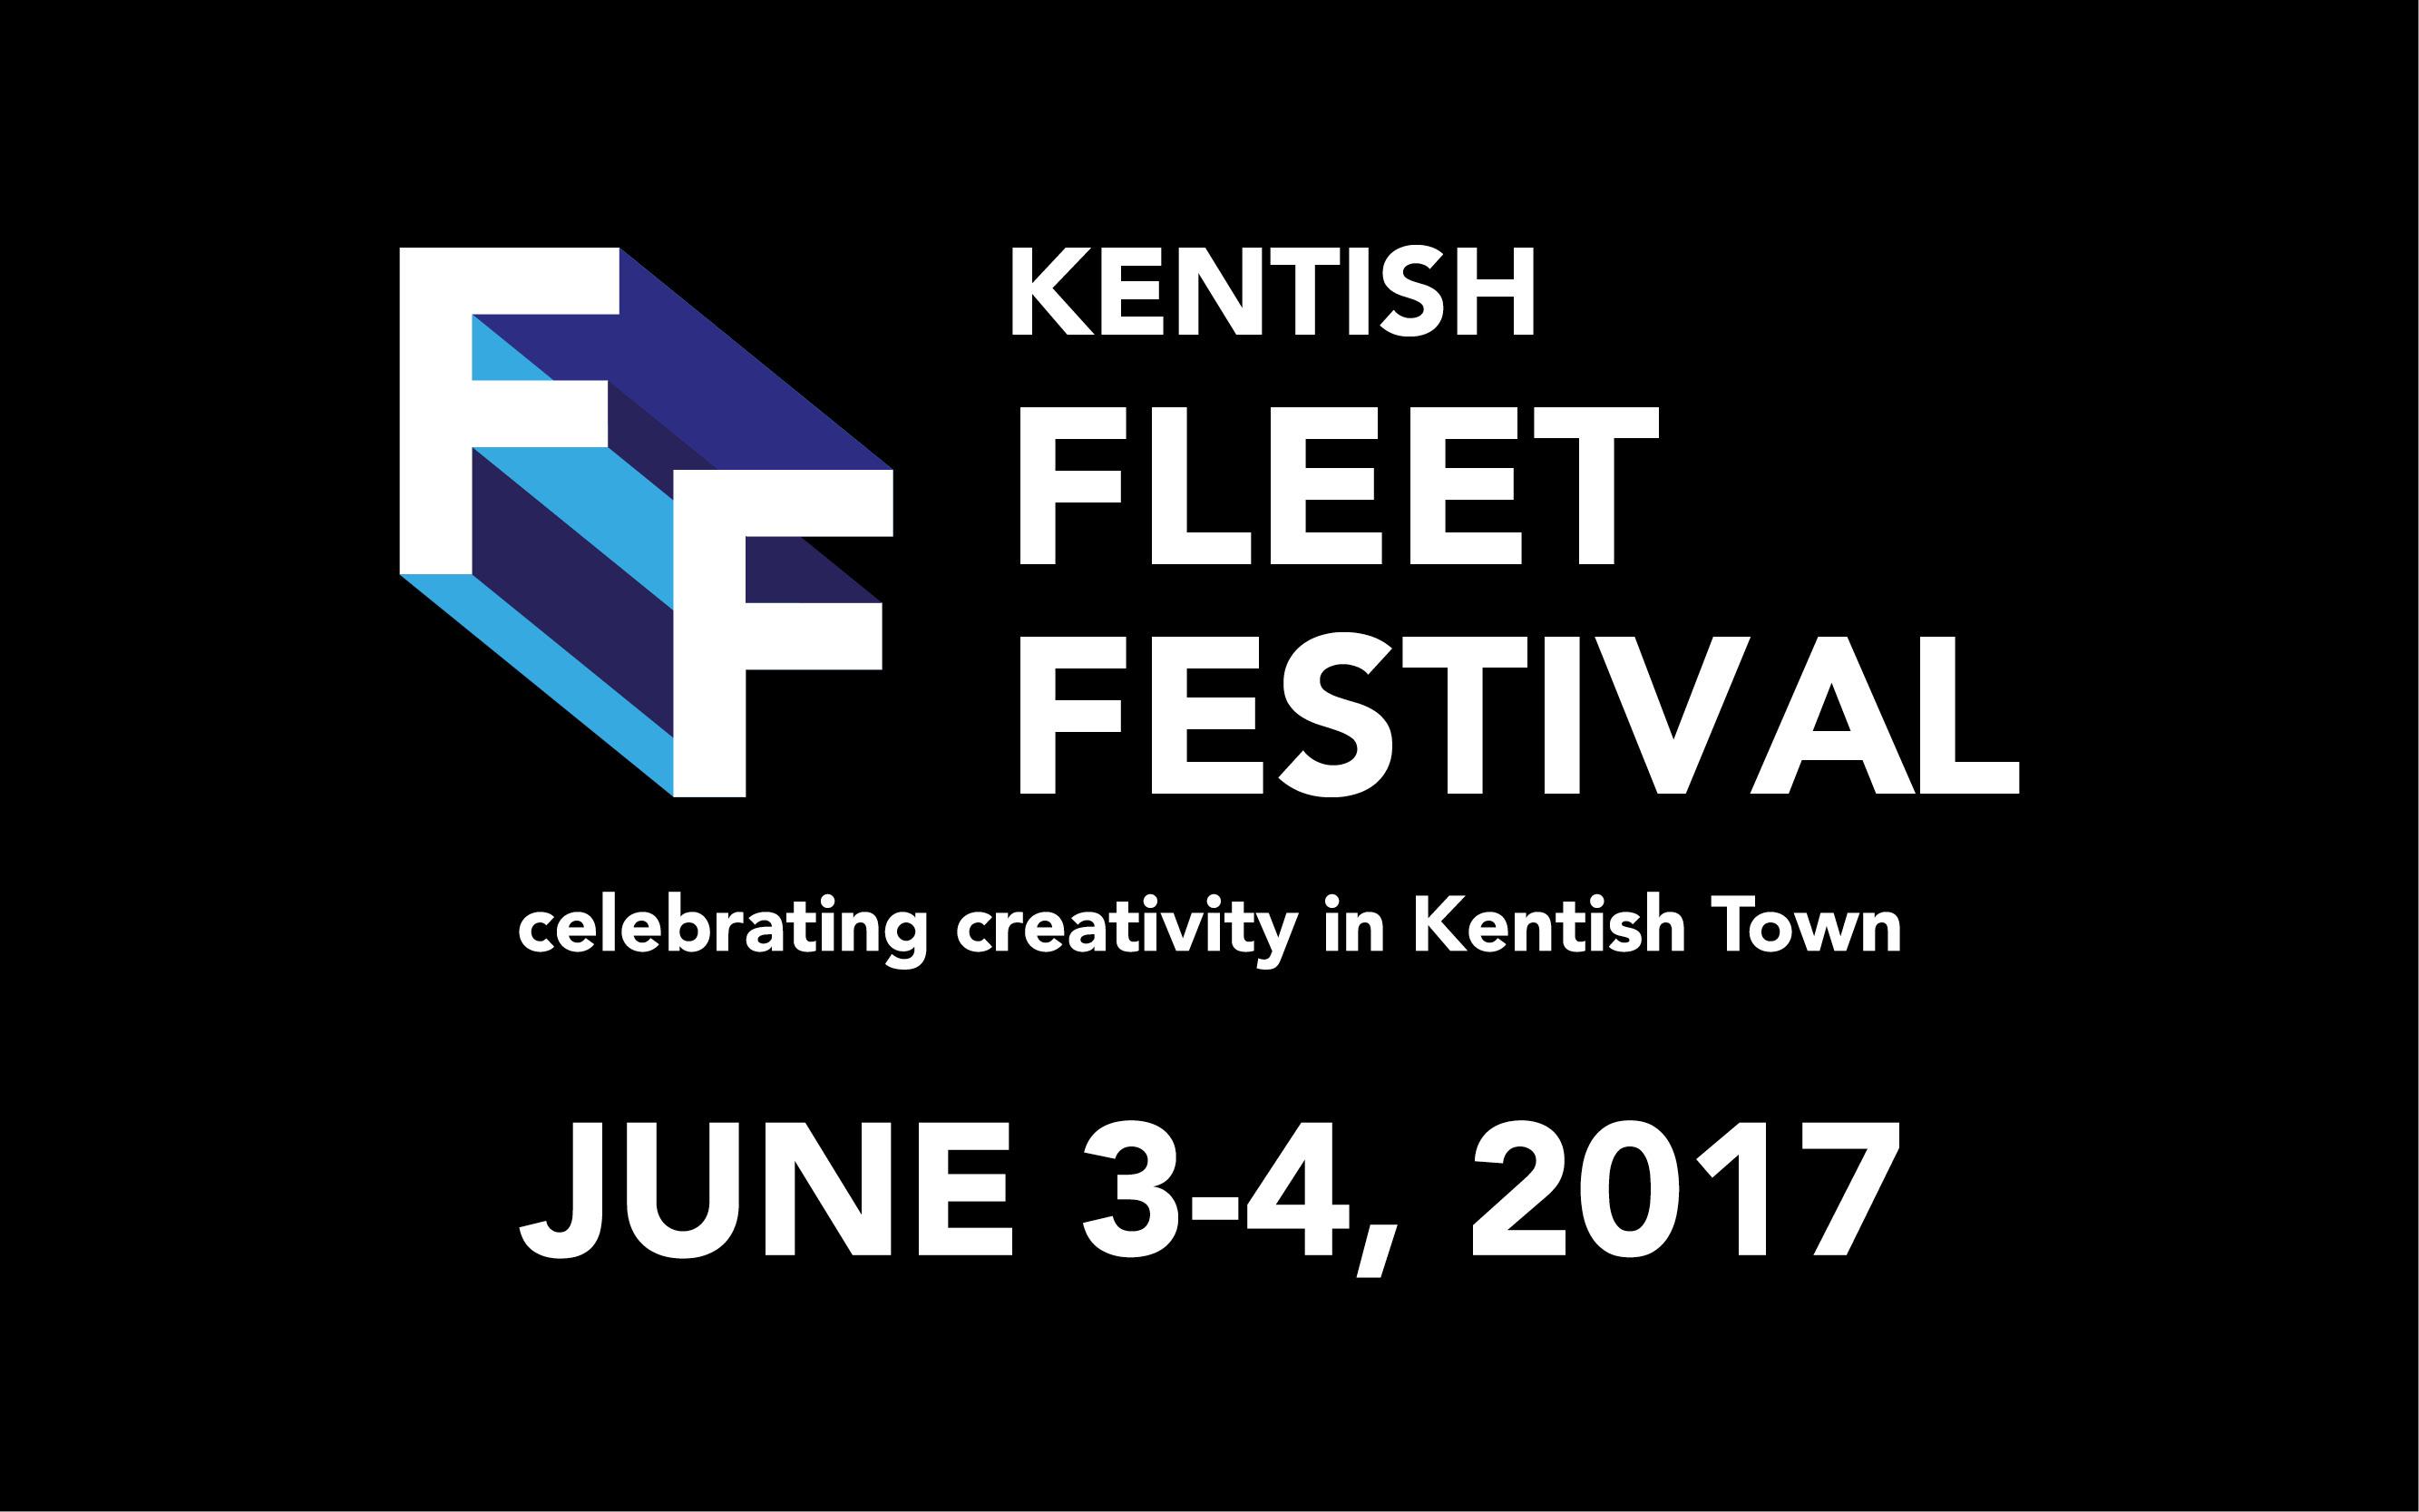 Fleet Festival, 3-4 June